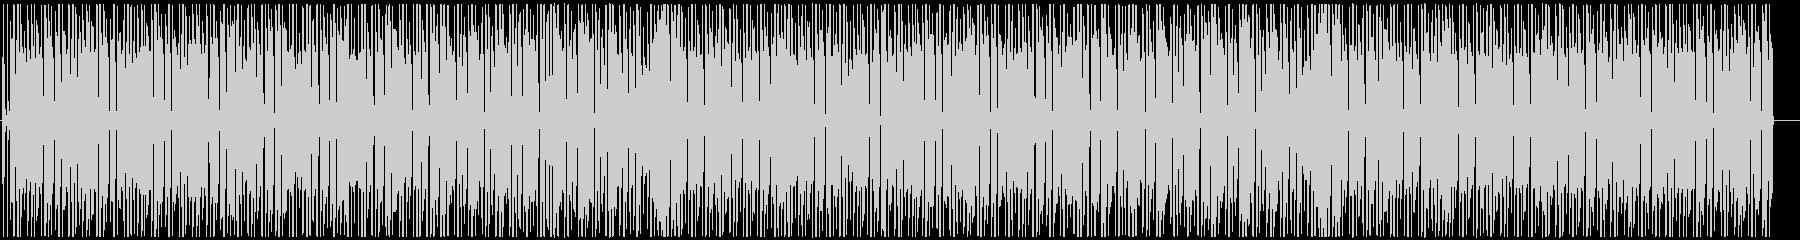 レゲエ 夏の午後ゆったりVIBESの未再生の波形